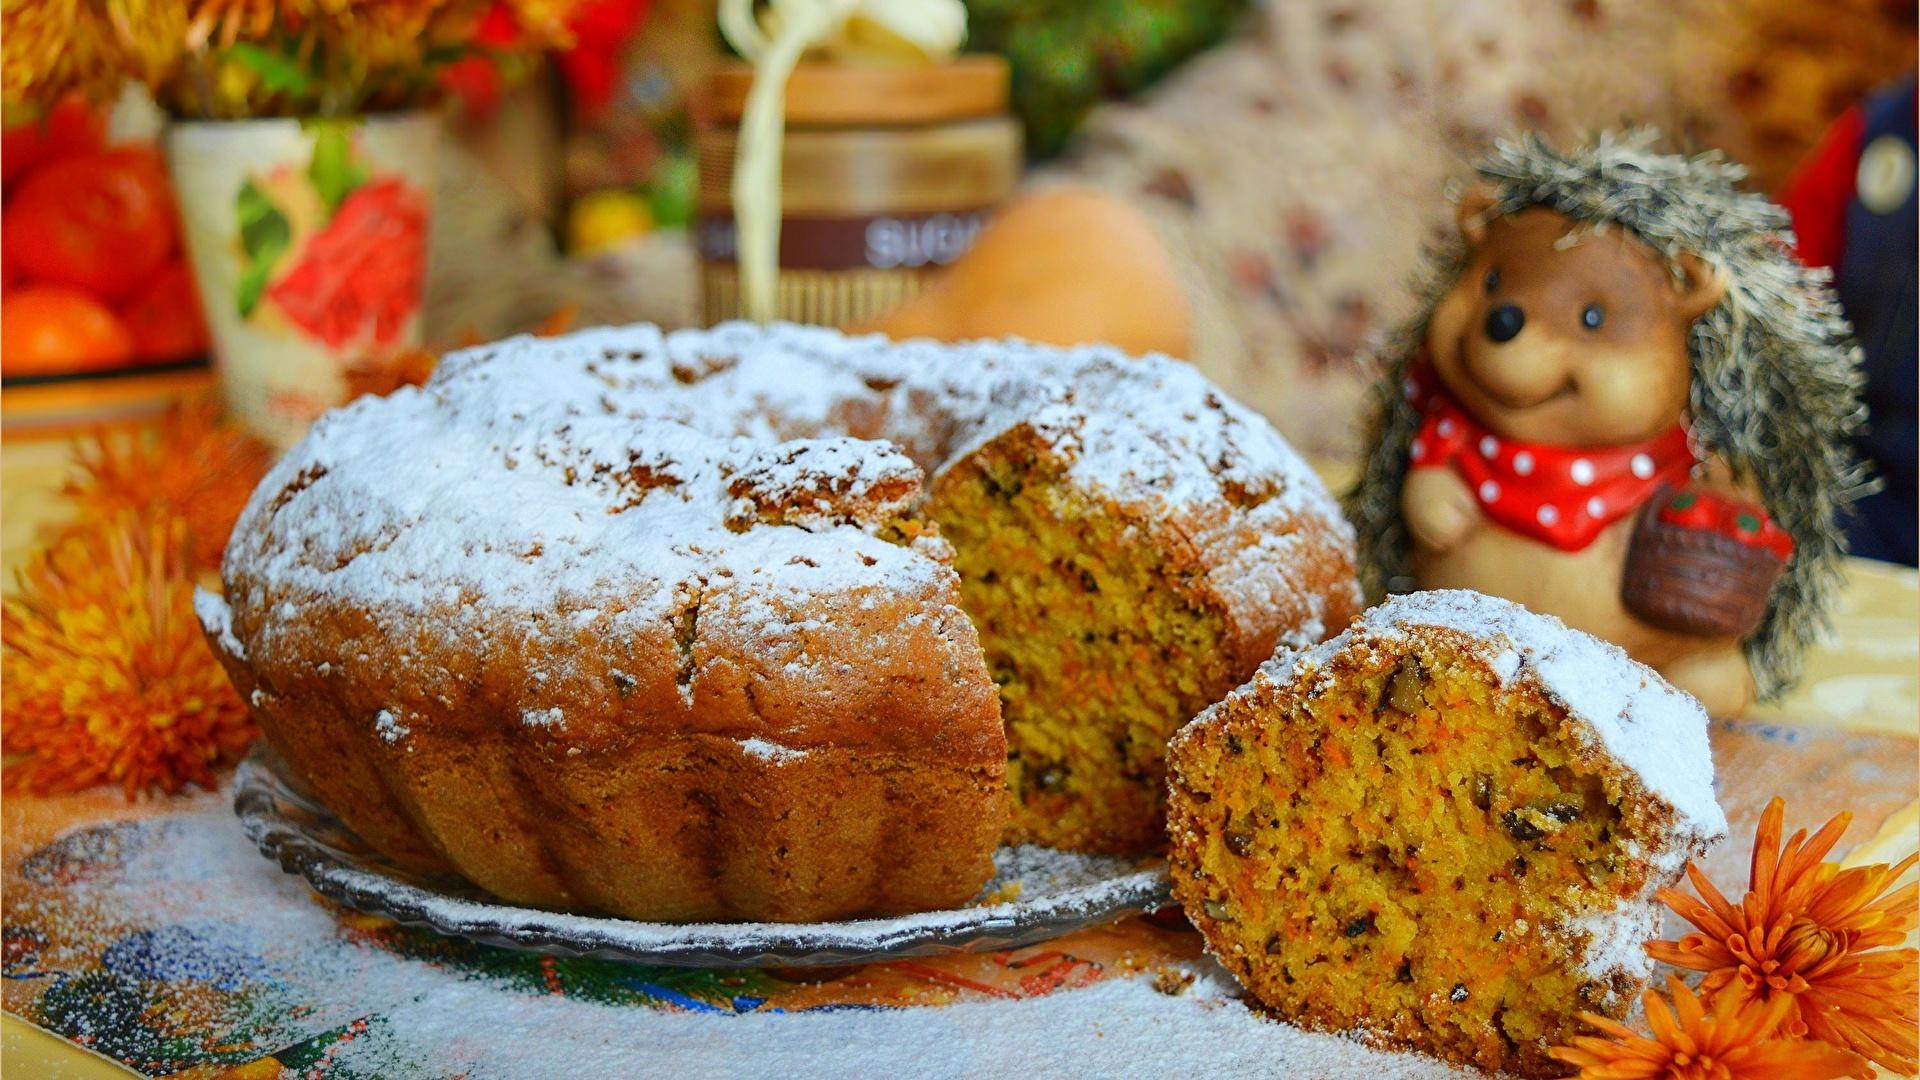 Картинка Пирог Сахарная пудра Кусок Еда 1920x1080 часть Пища Продукты питания